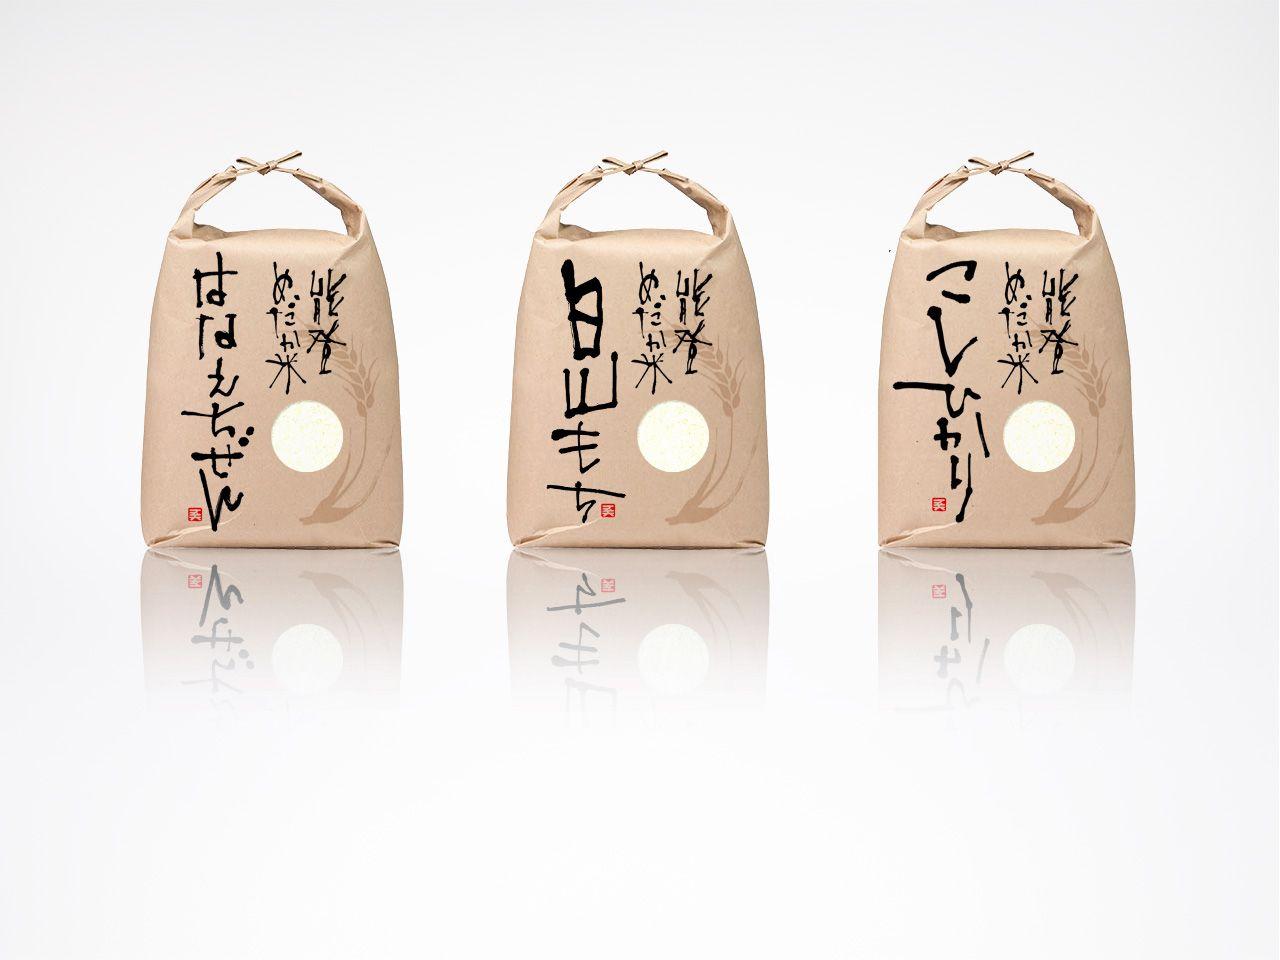 能登めだか米 パッケージデザイン